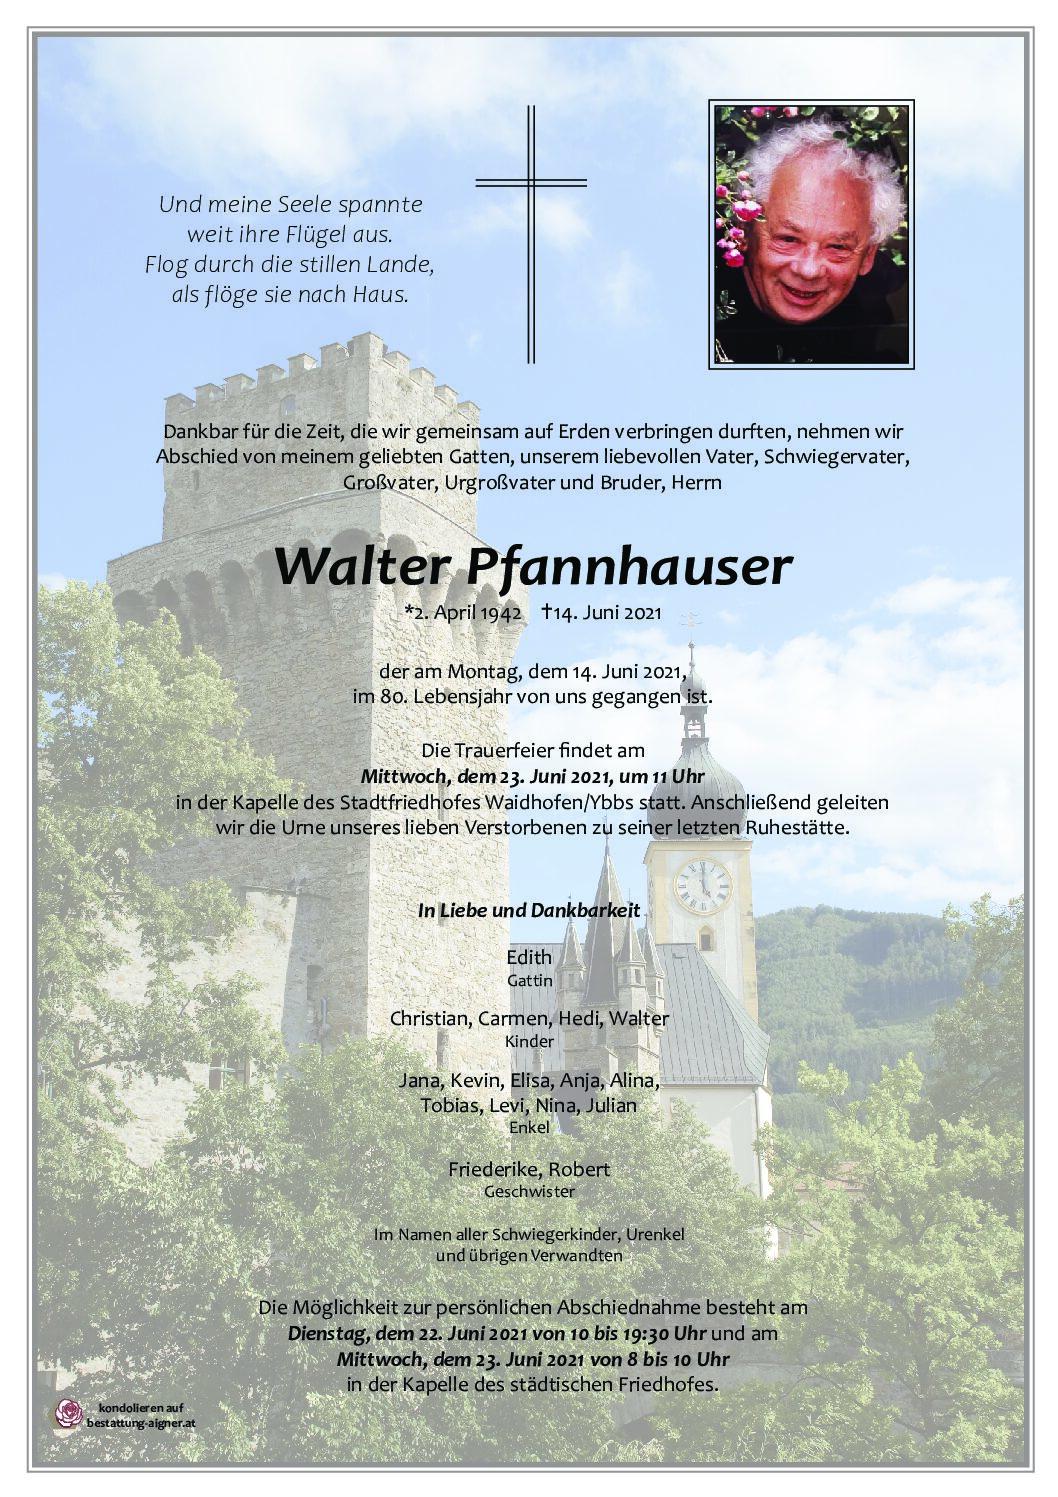 Walter Pfannhauser